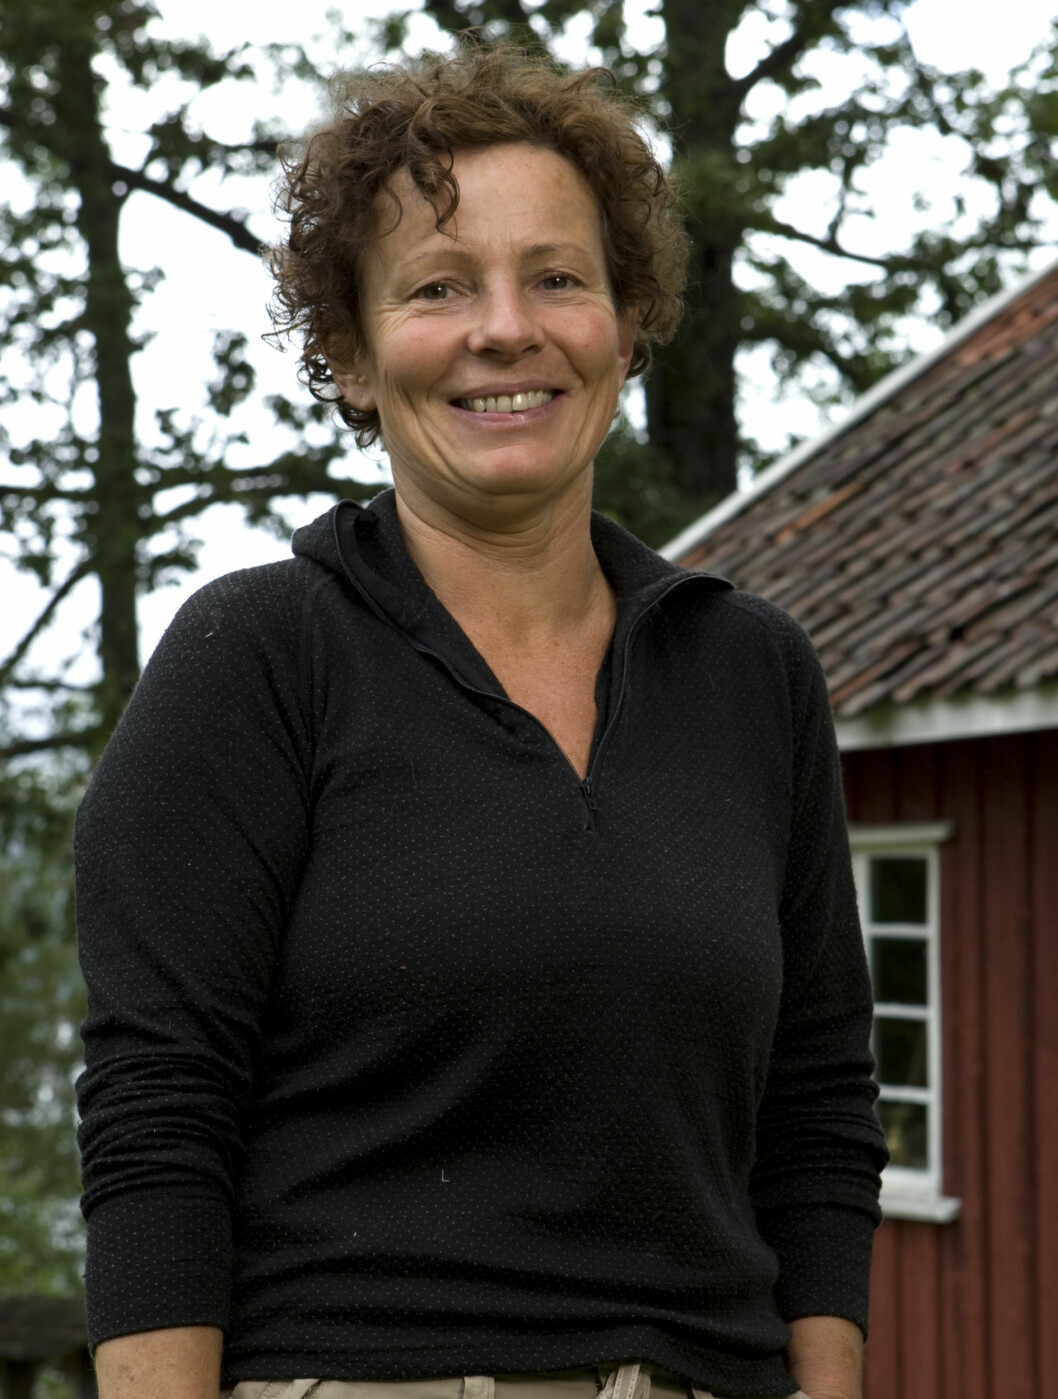 <strong>SEIERSKLAR:</strong> Runi Hagelsteen Vik skal gi jernet for å vinne «Farmen». Foto: TV 2